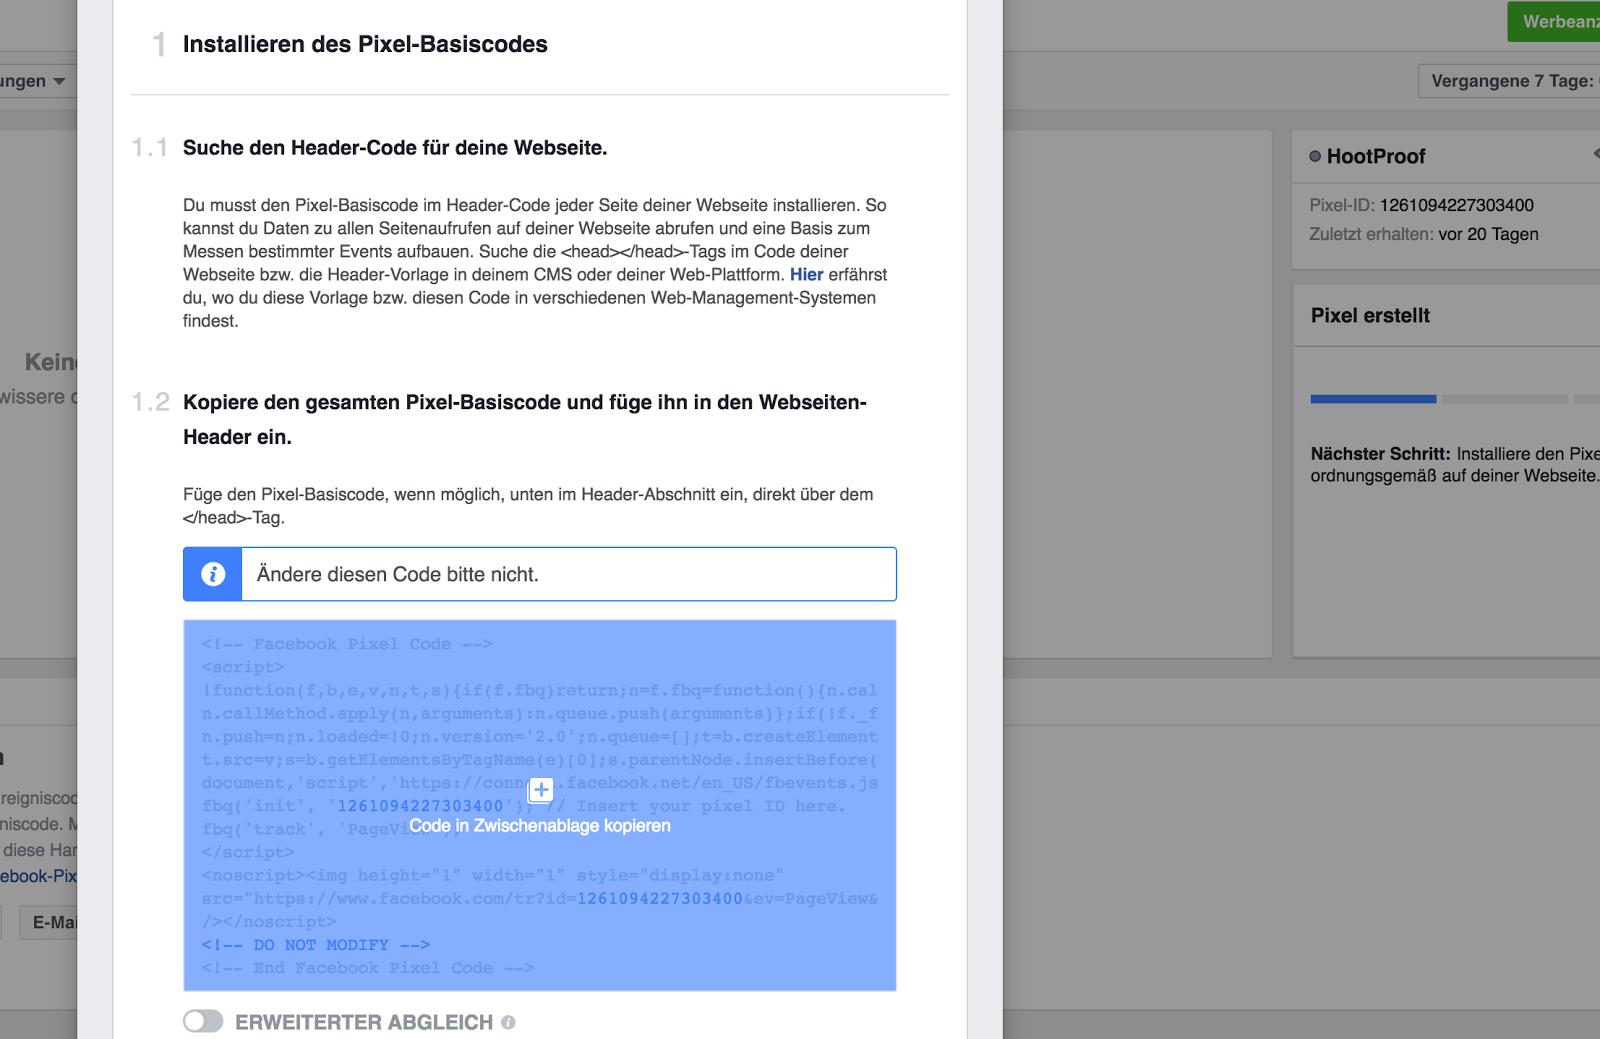 Finde Im Facebook Anzeigen Manager Dein Pixel Und Klicke Auf Das Auge Symbol Klick Sich Offnenden Fenster In Den Code Um Diesen Die Zwischenablage